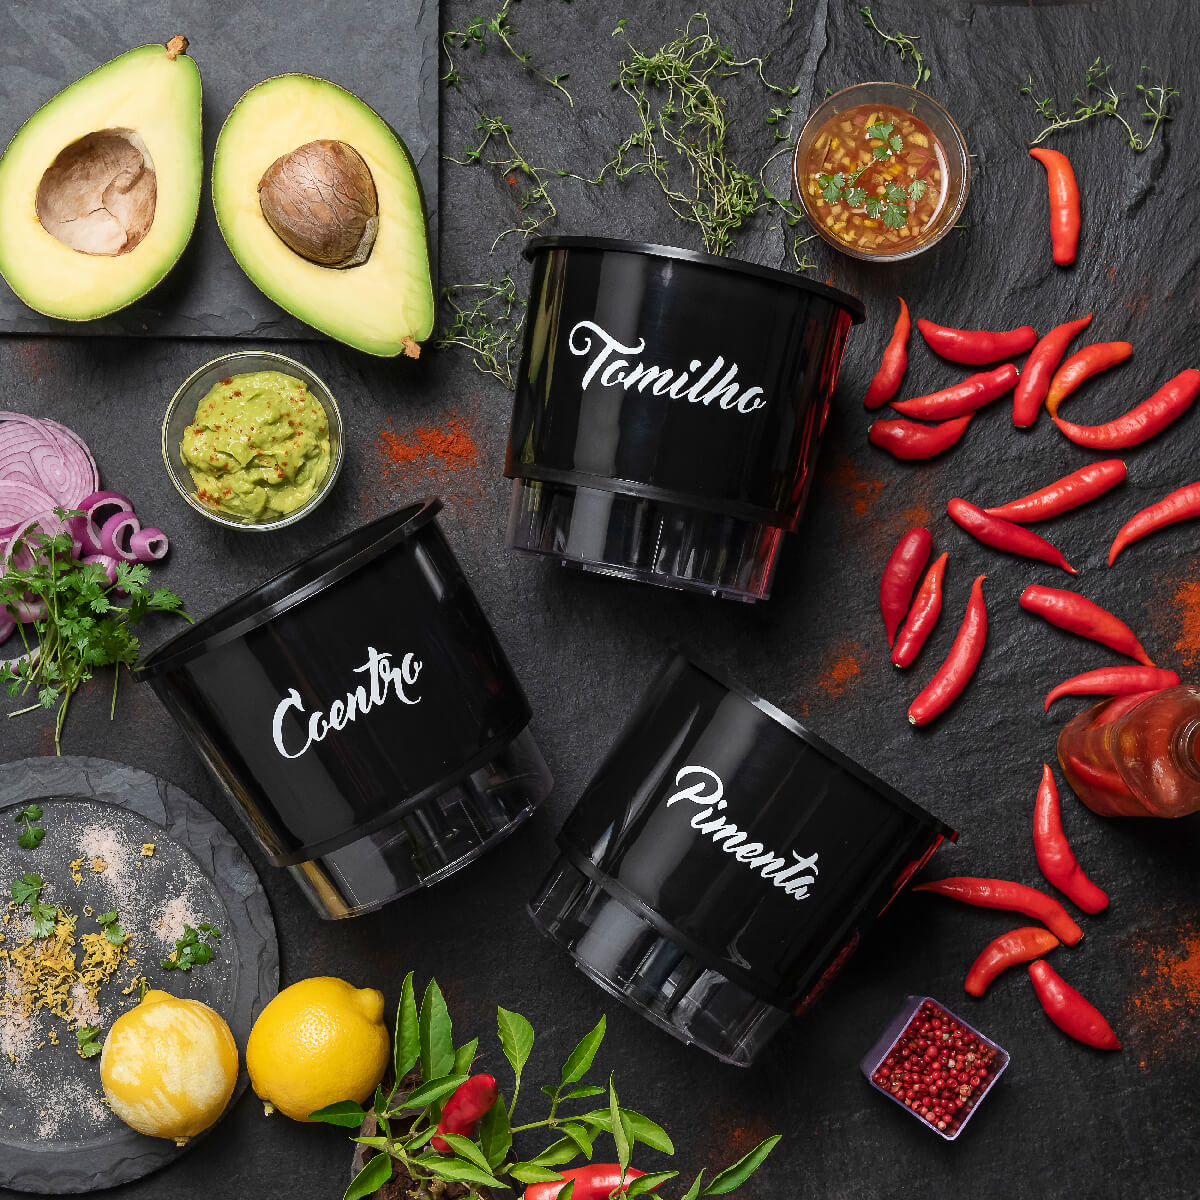 Kit Plantio Completo Gourmet México  - Loja Raiz